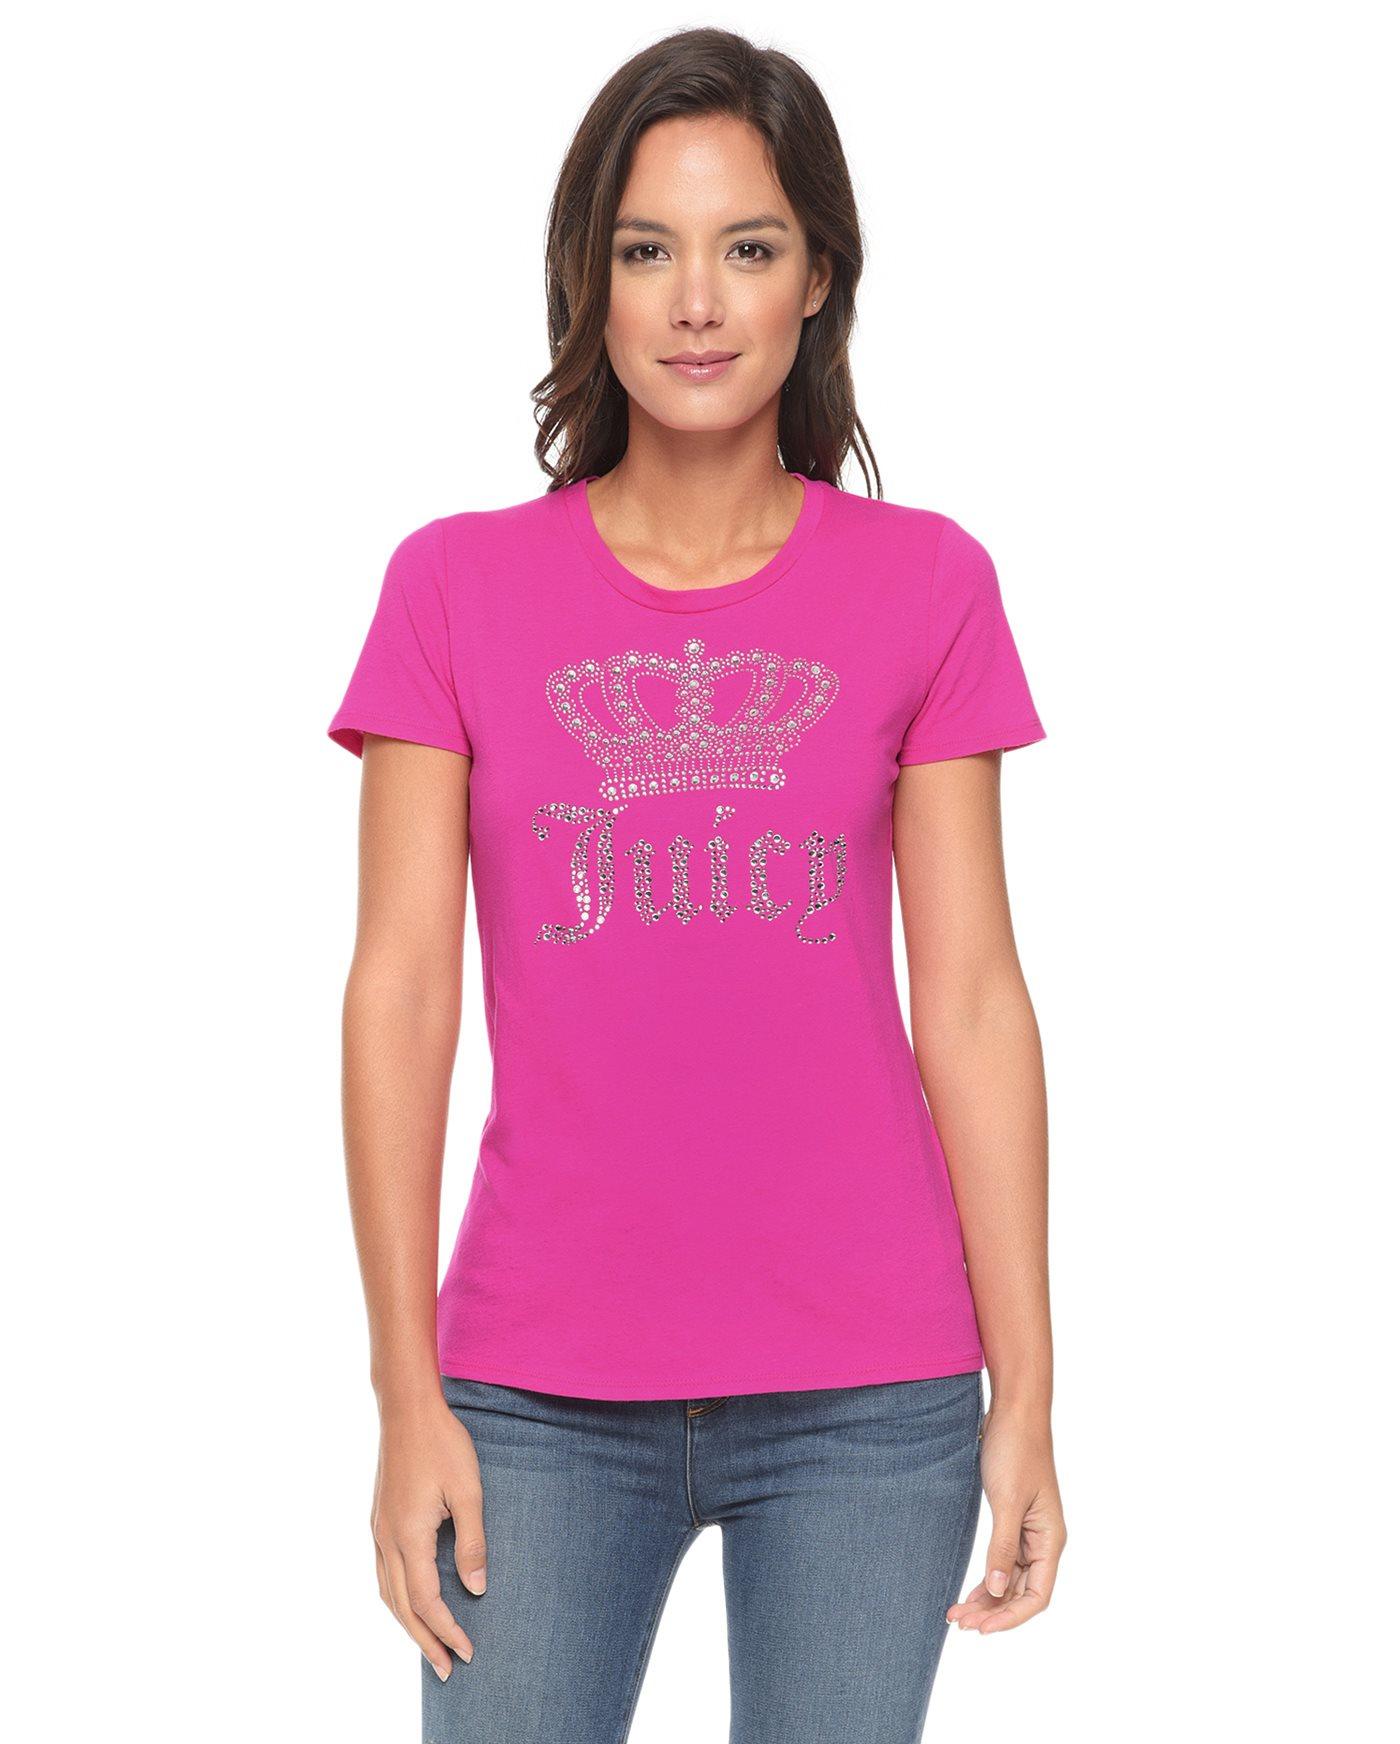 Juicy couture Logo Juicy Crown Short Sleeve Tee in Pink ...Juicy Couture Crown Tattoo